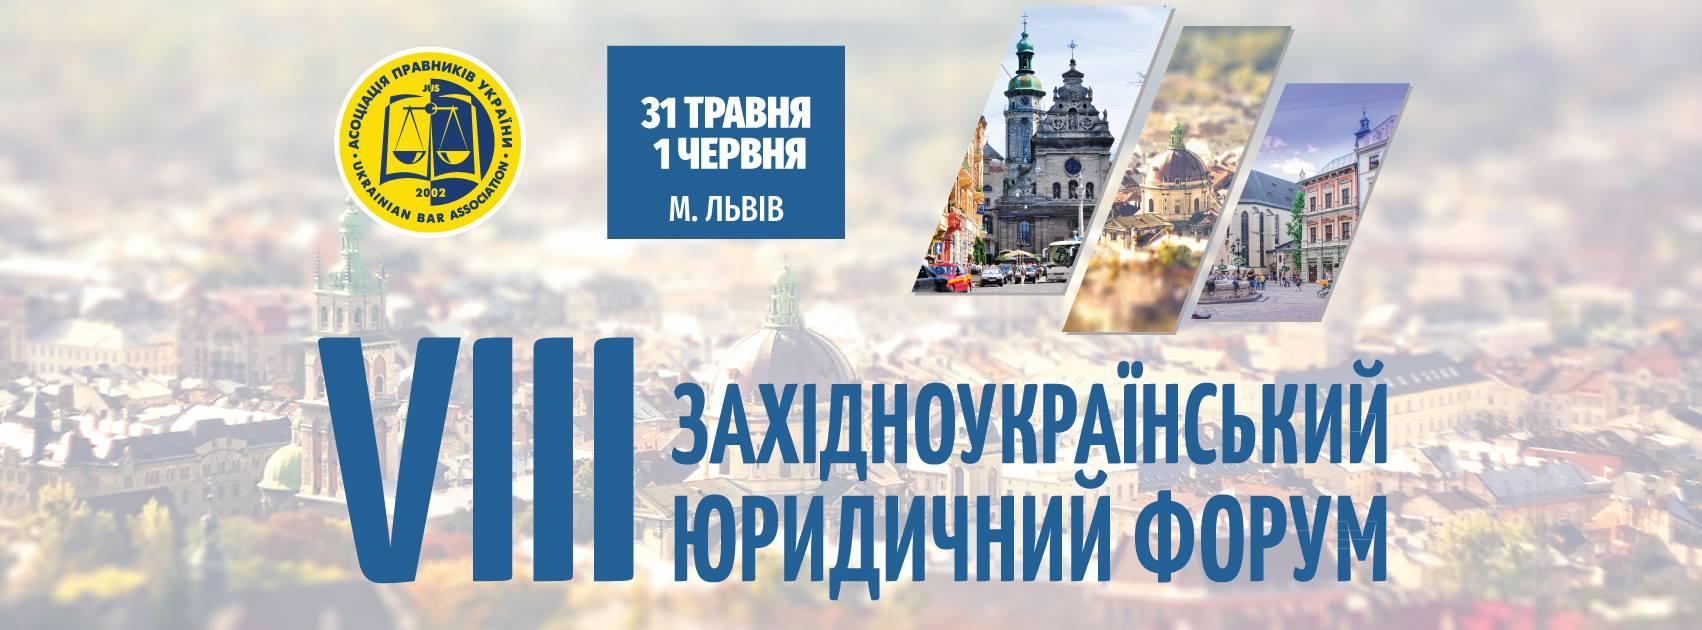 """Партнер <span class=""""equity"""">EQUITY</span> виступив на VIII Західноукраїнському юридичному форумі АПУ"""